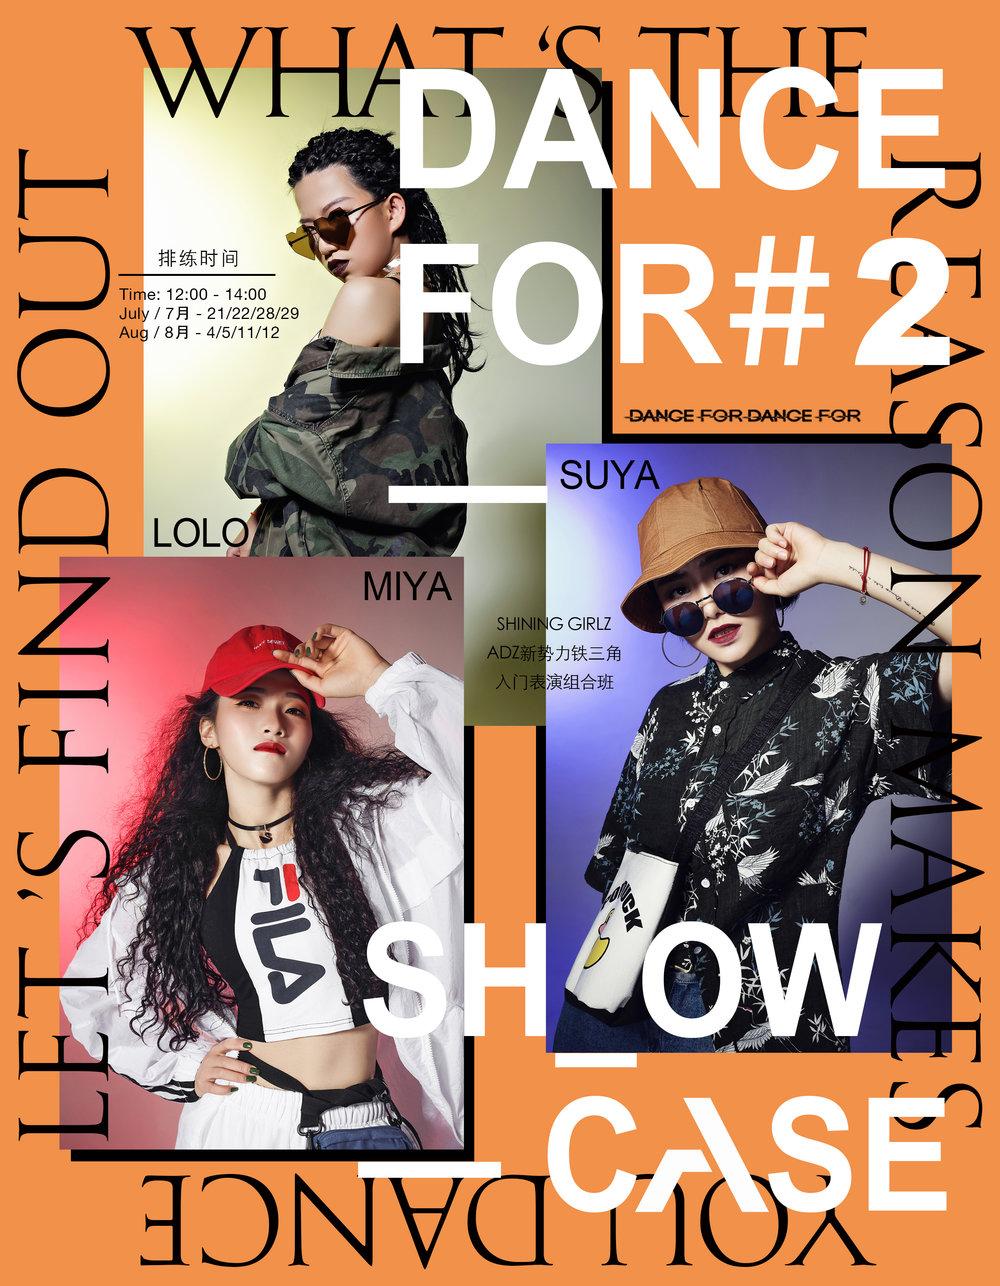 dance-for-4.jpg